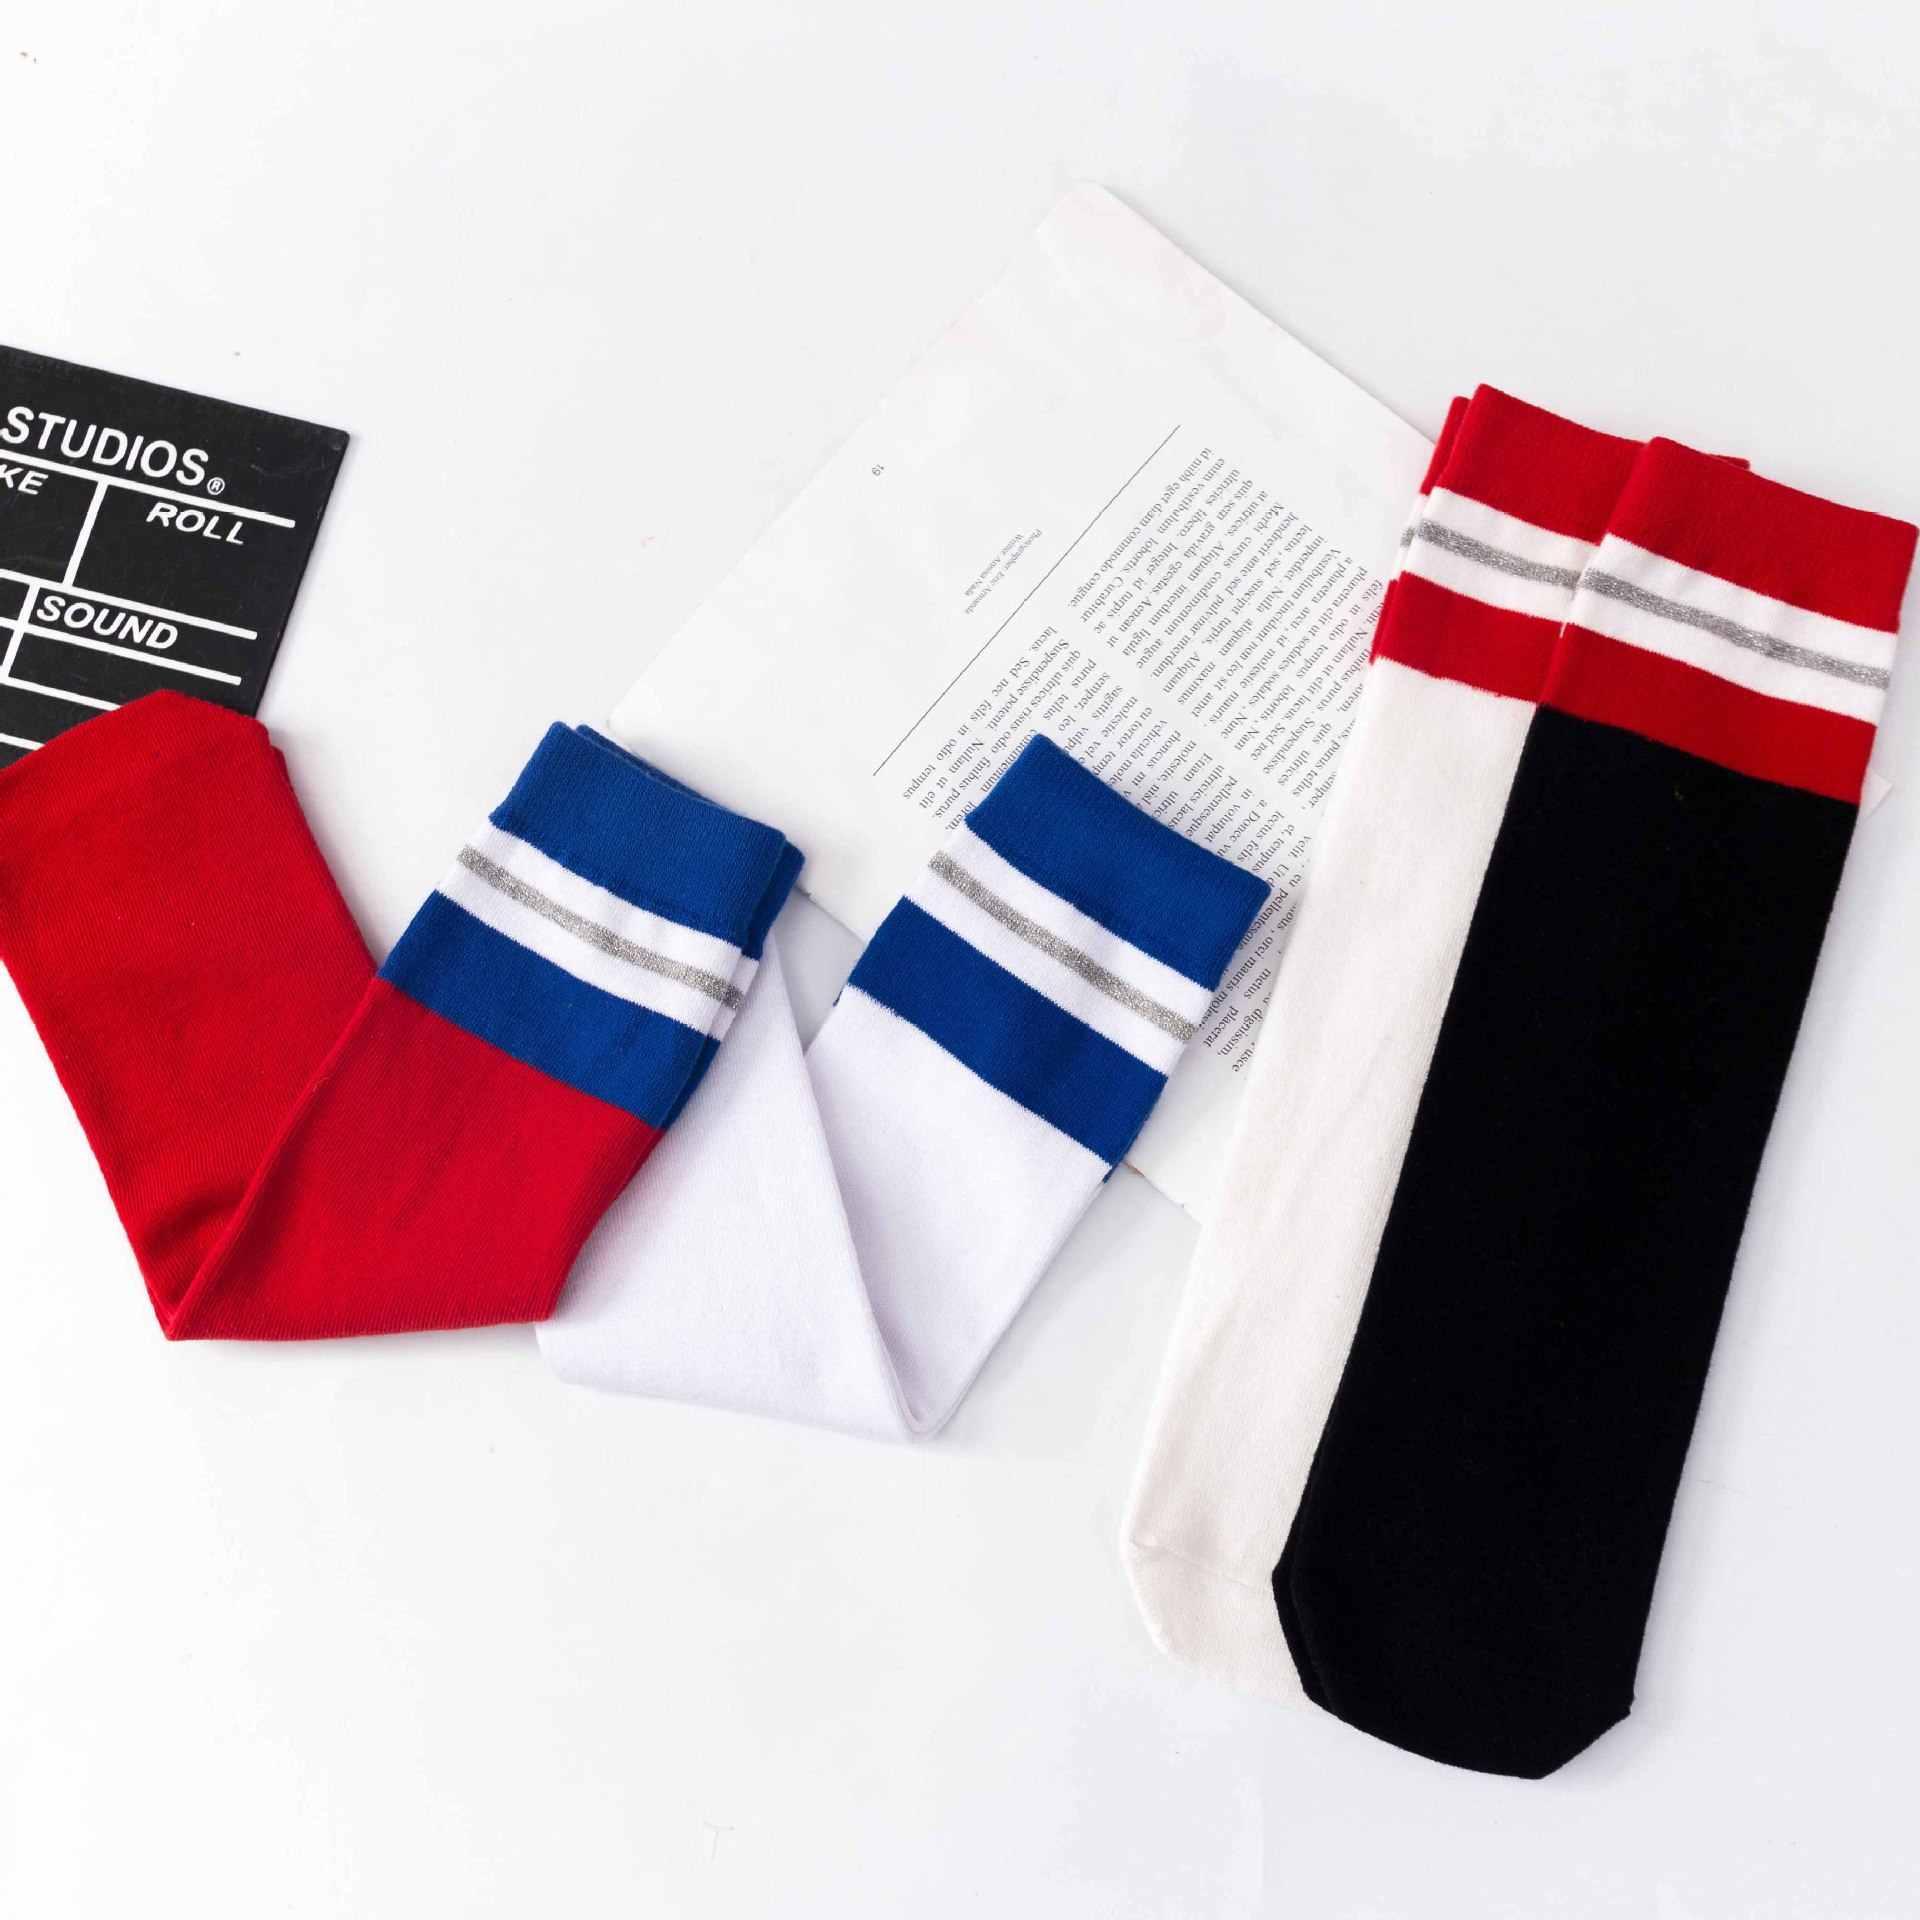 Crianças joelho meias altas meninas meninos listras de futebol algodão esportes escola branco meias skate crianças bebê longo tubo perna quente 4829